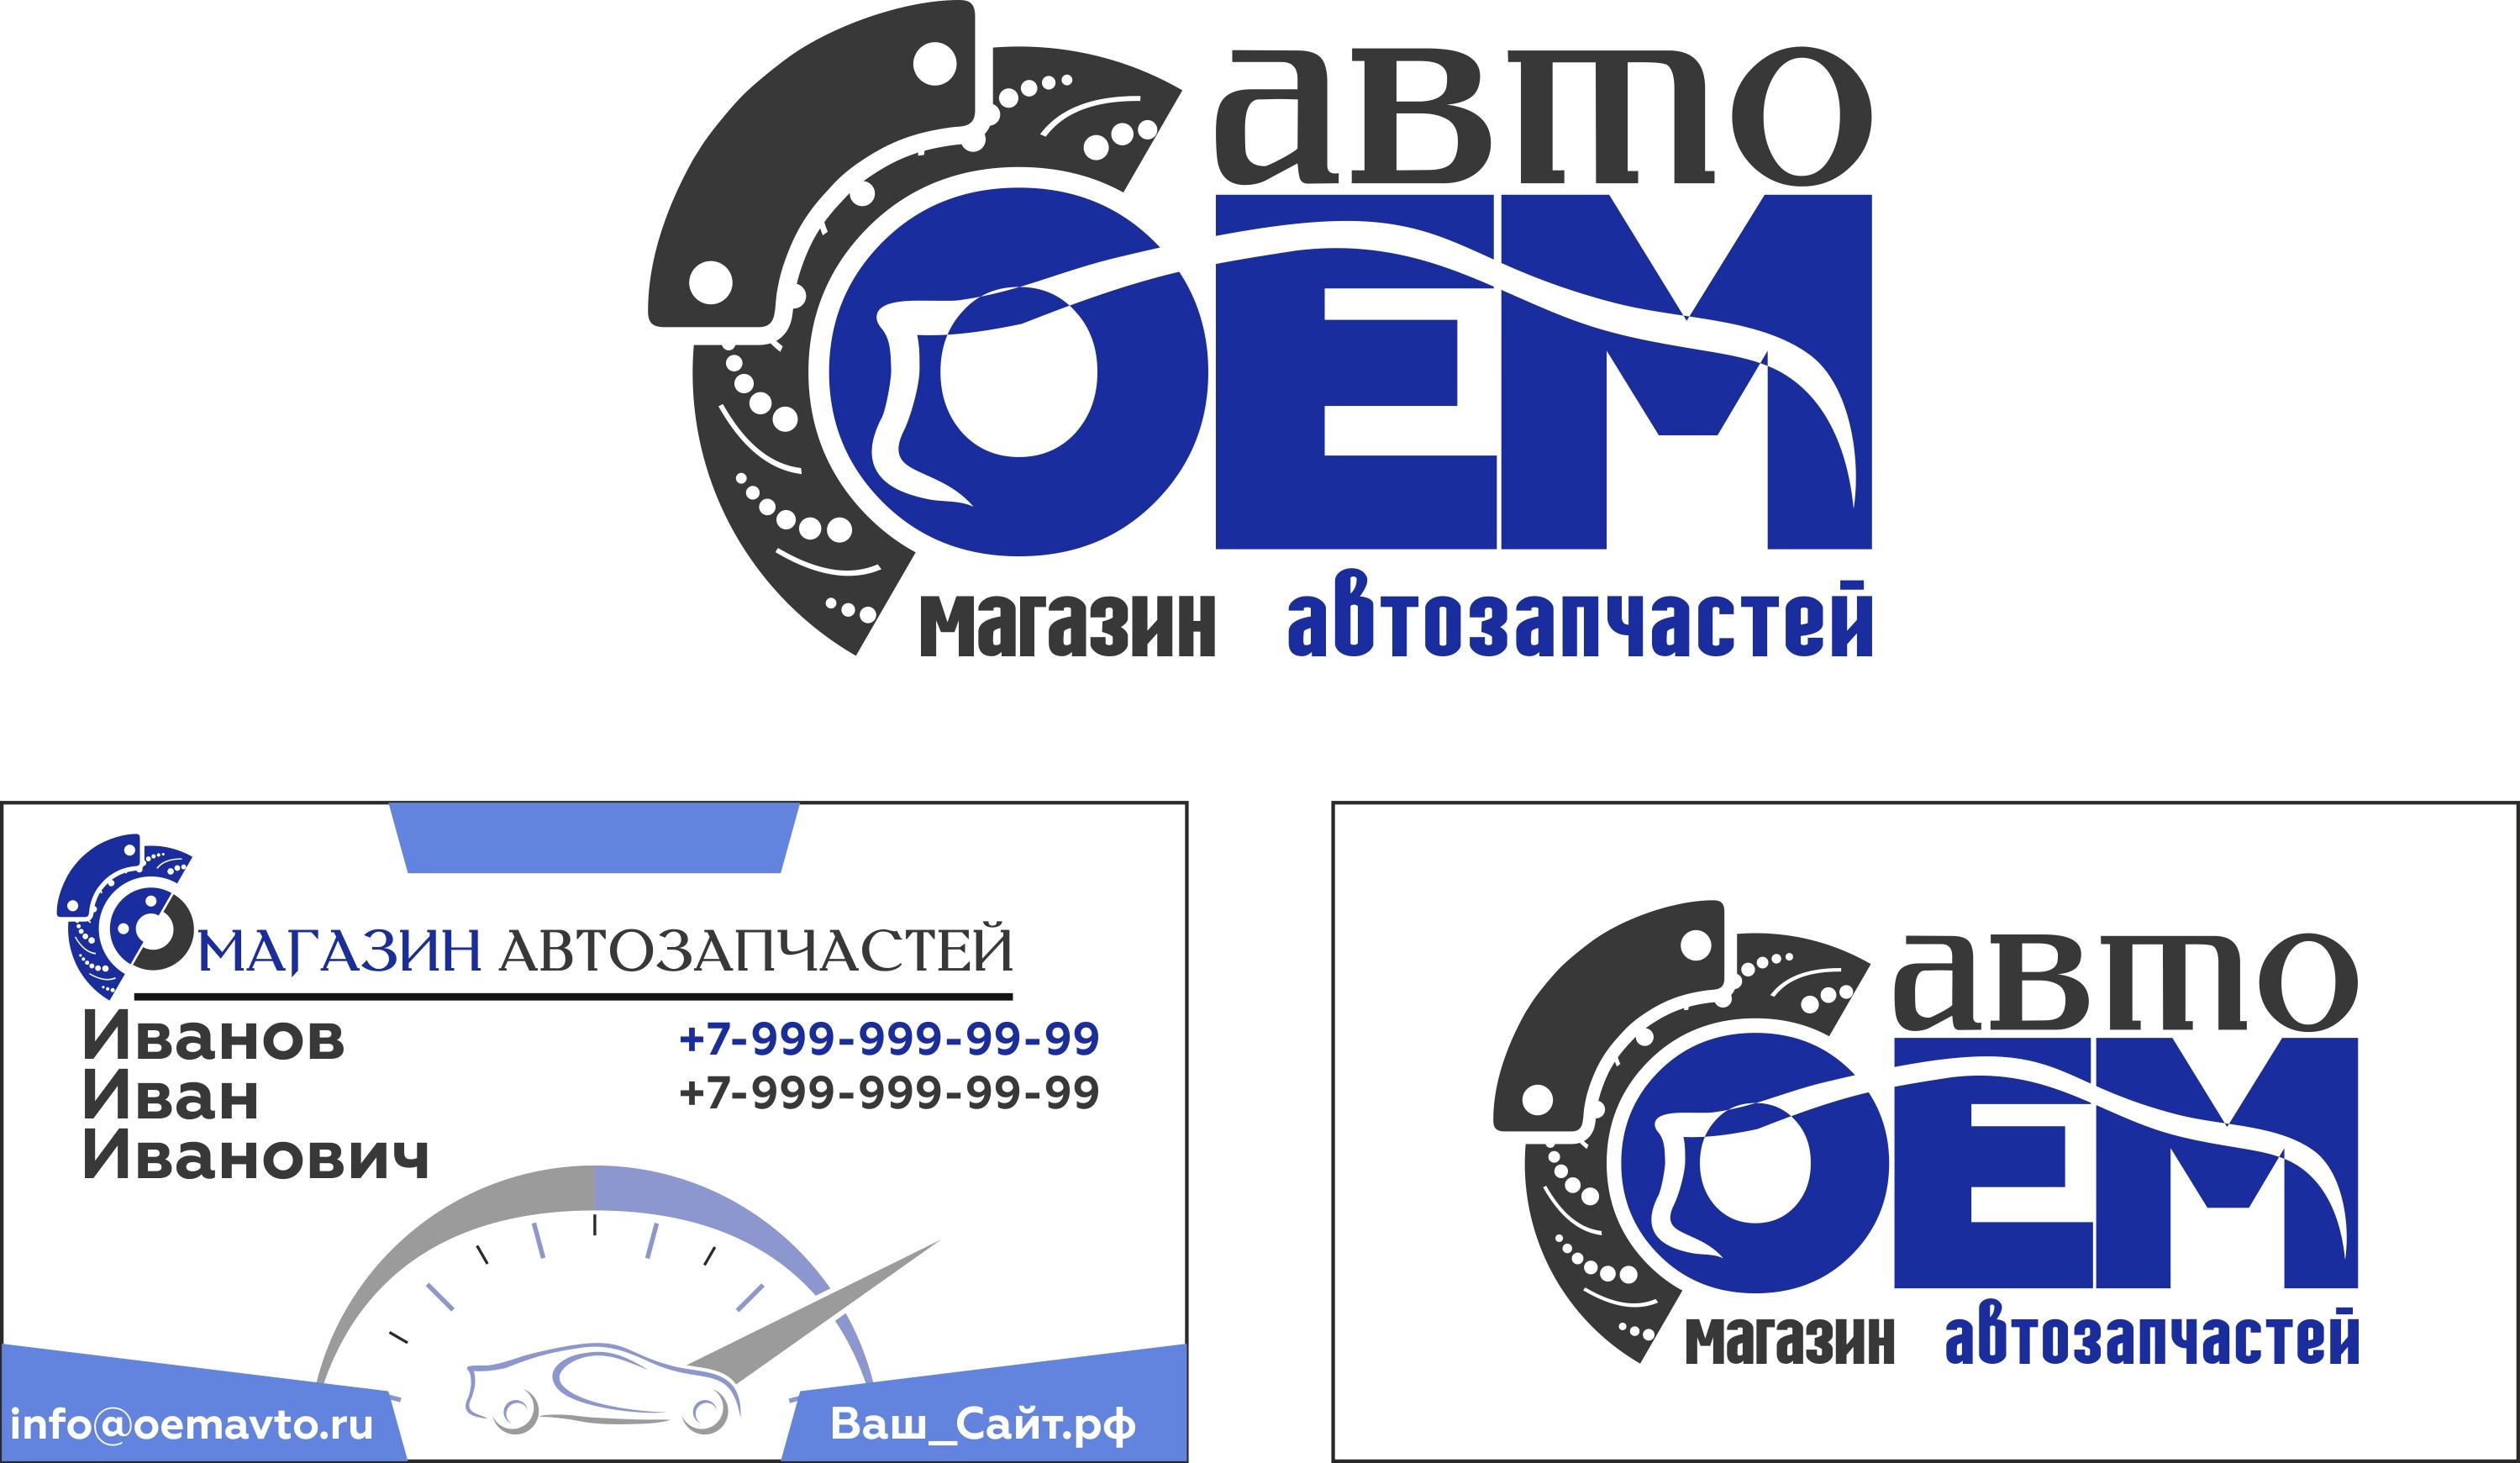 Разработать логотип и дизайн визитки  фото f_8165b6c46b9e3db1.jpg